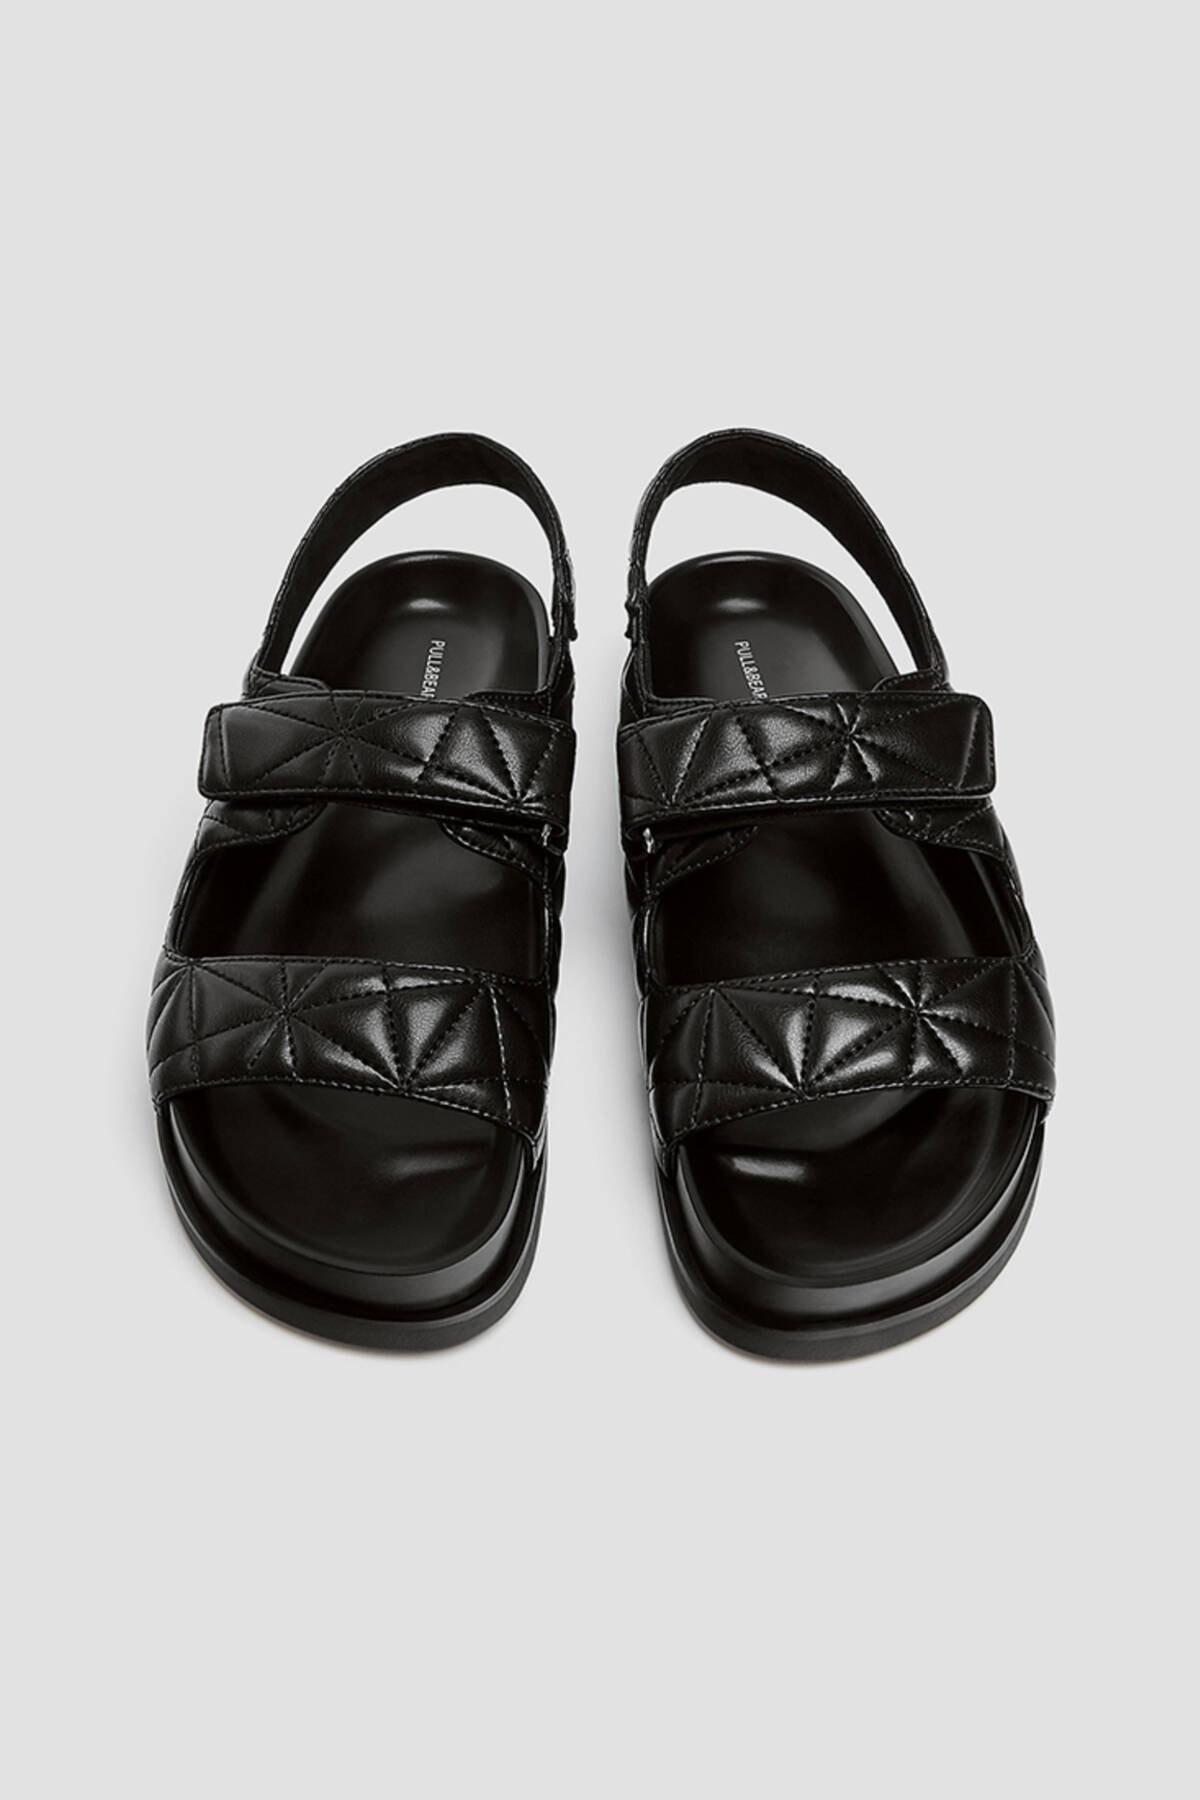 Pull & Bear Kadın Siyah Kapitone Bantlı Düz Sandalet 11418740 4